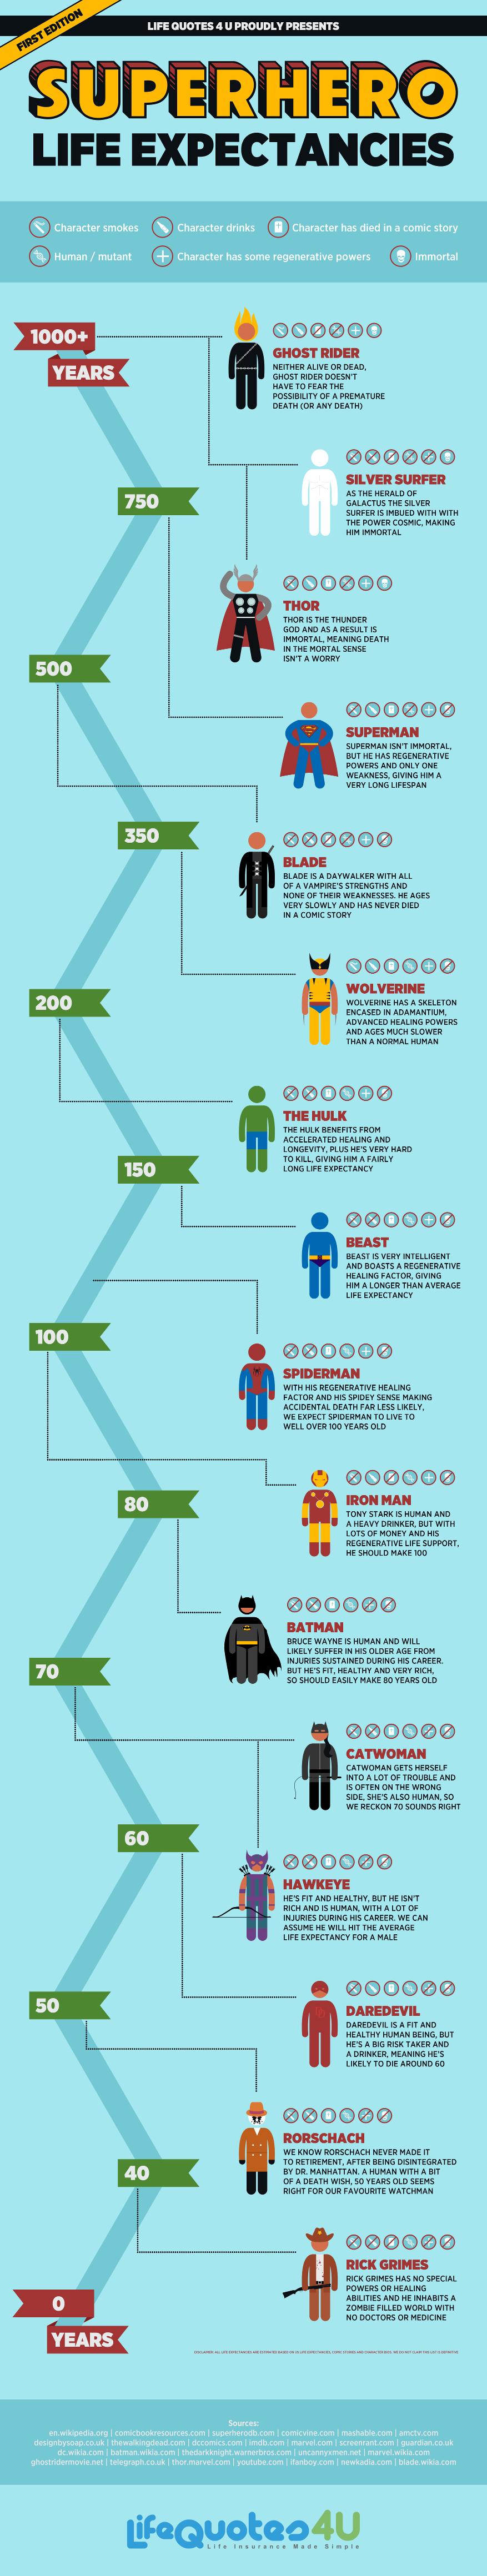 Infographic: Superhero Life Expectancies #infographic